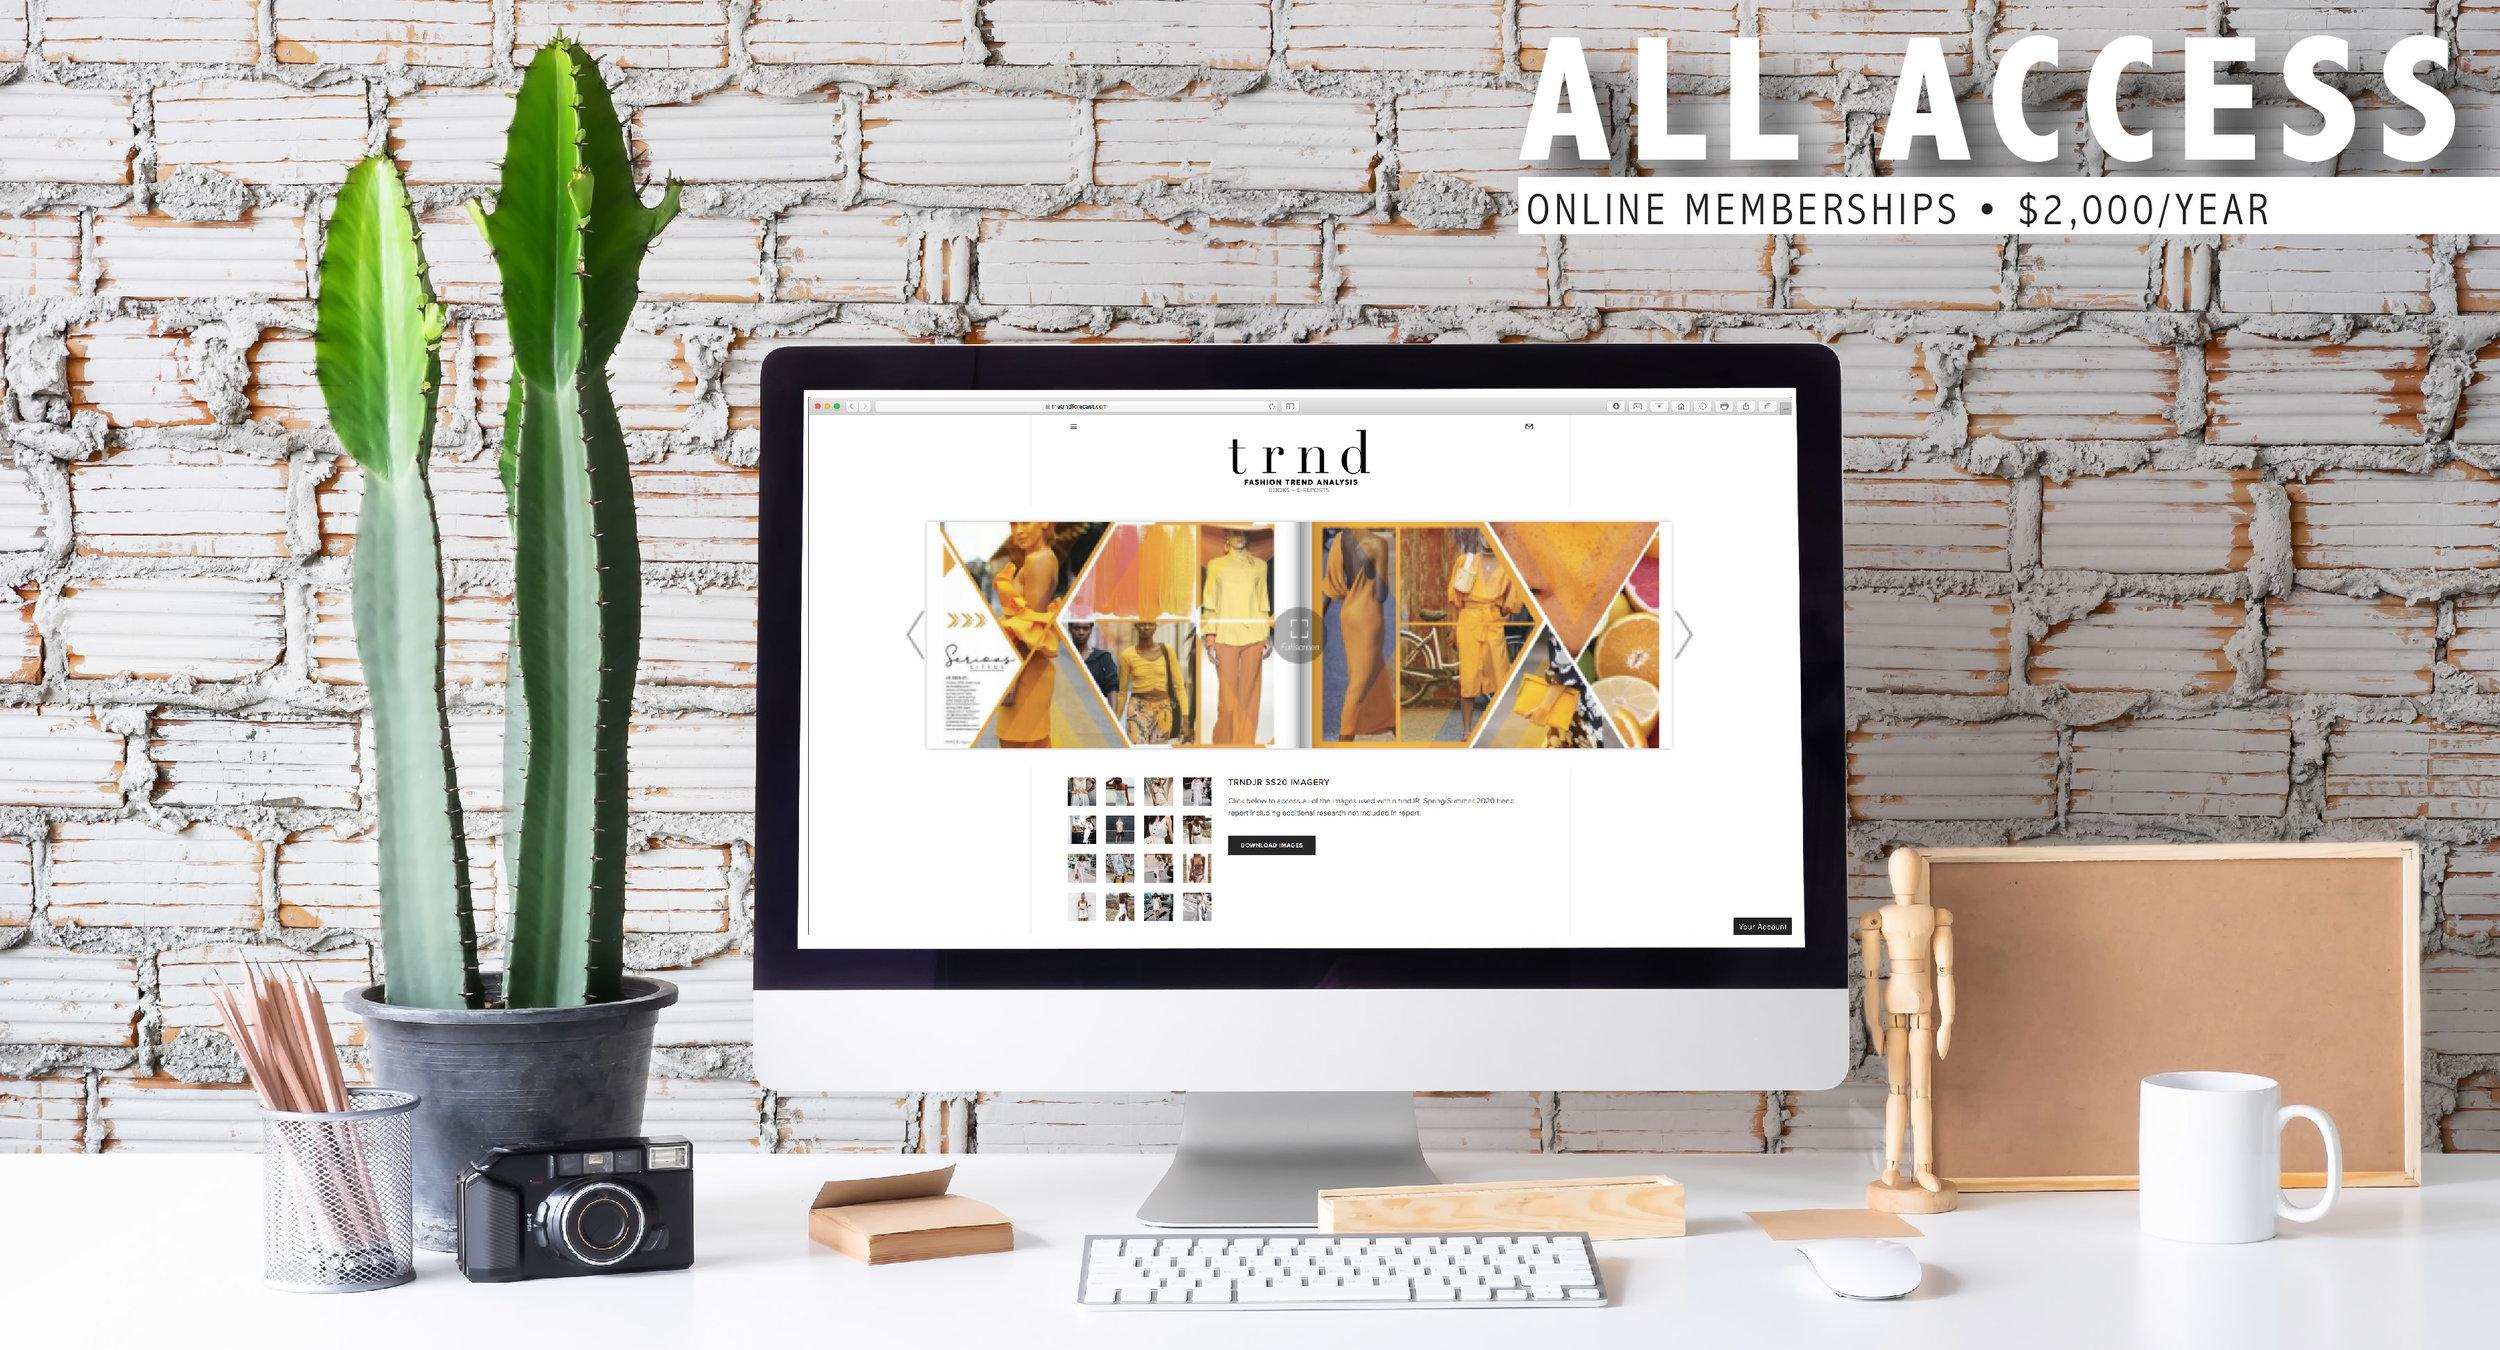 ALLACCESS_WEBPAGE-01.jpg